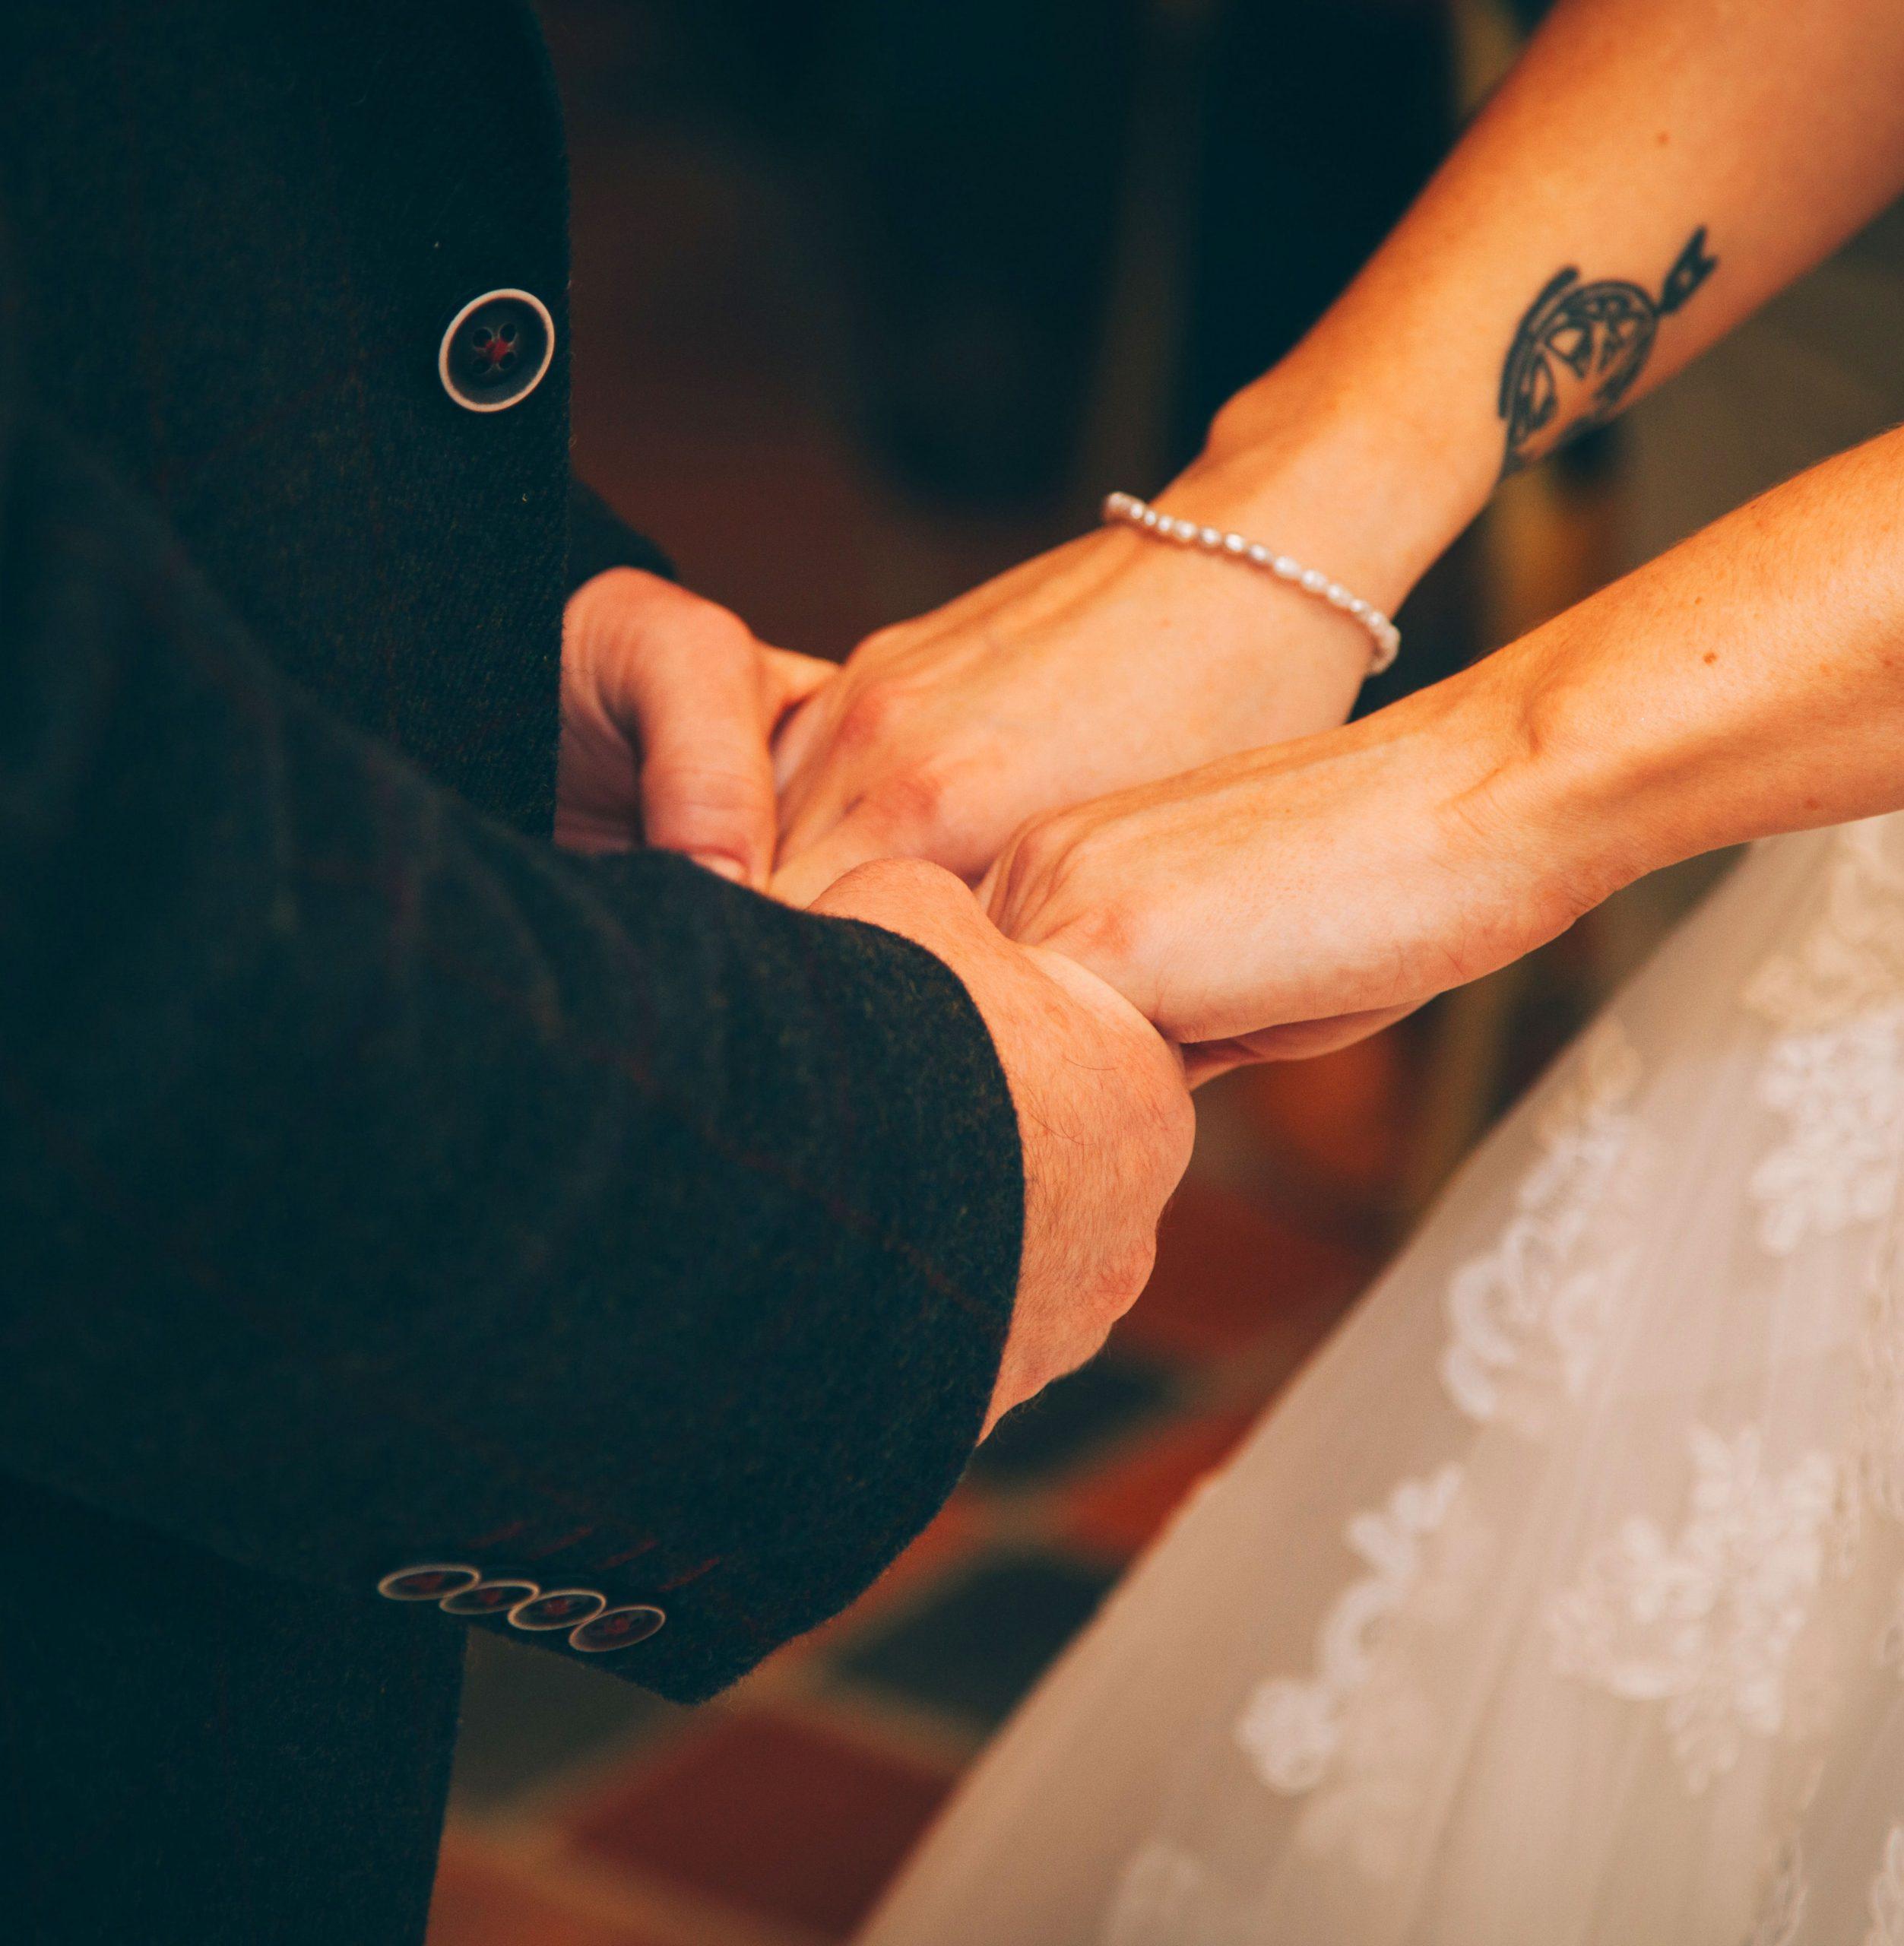 1080p Love Couple Sad Dp Images pics